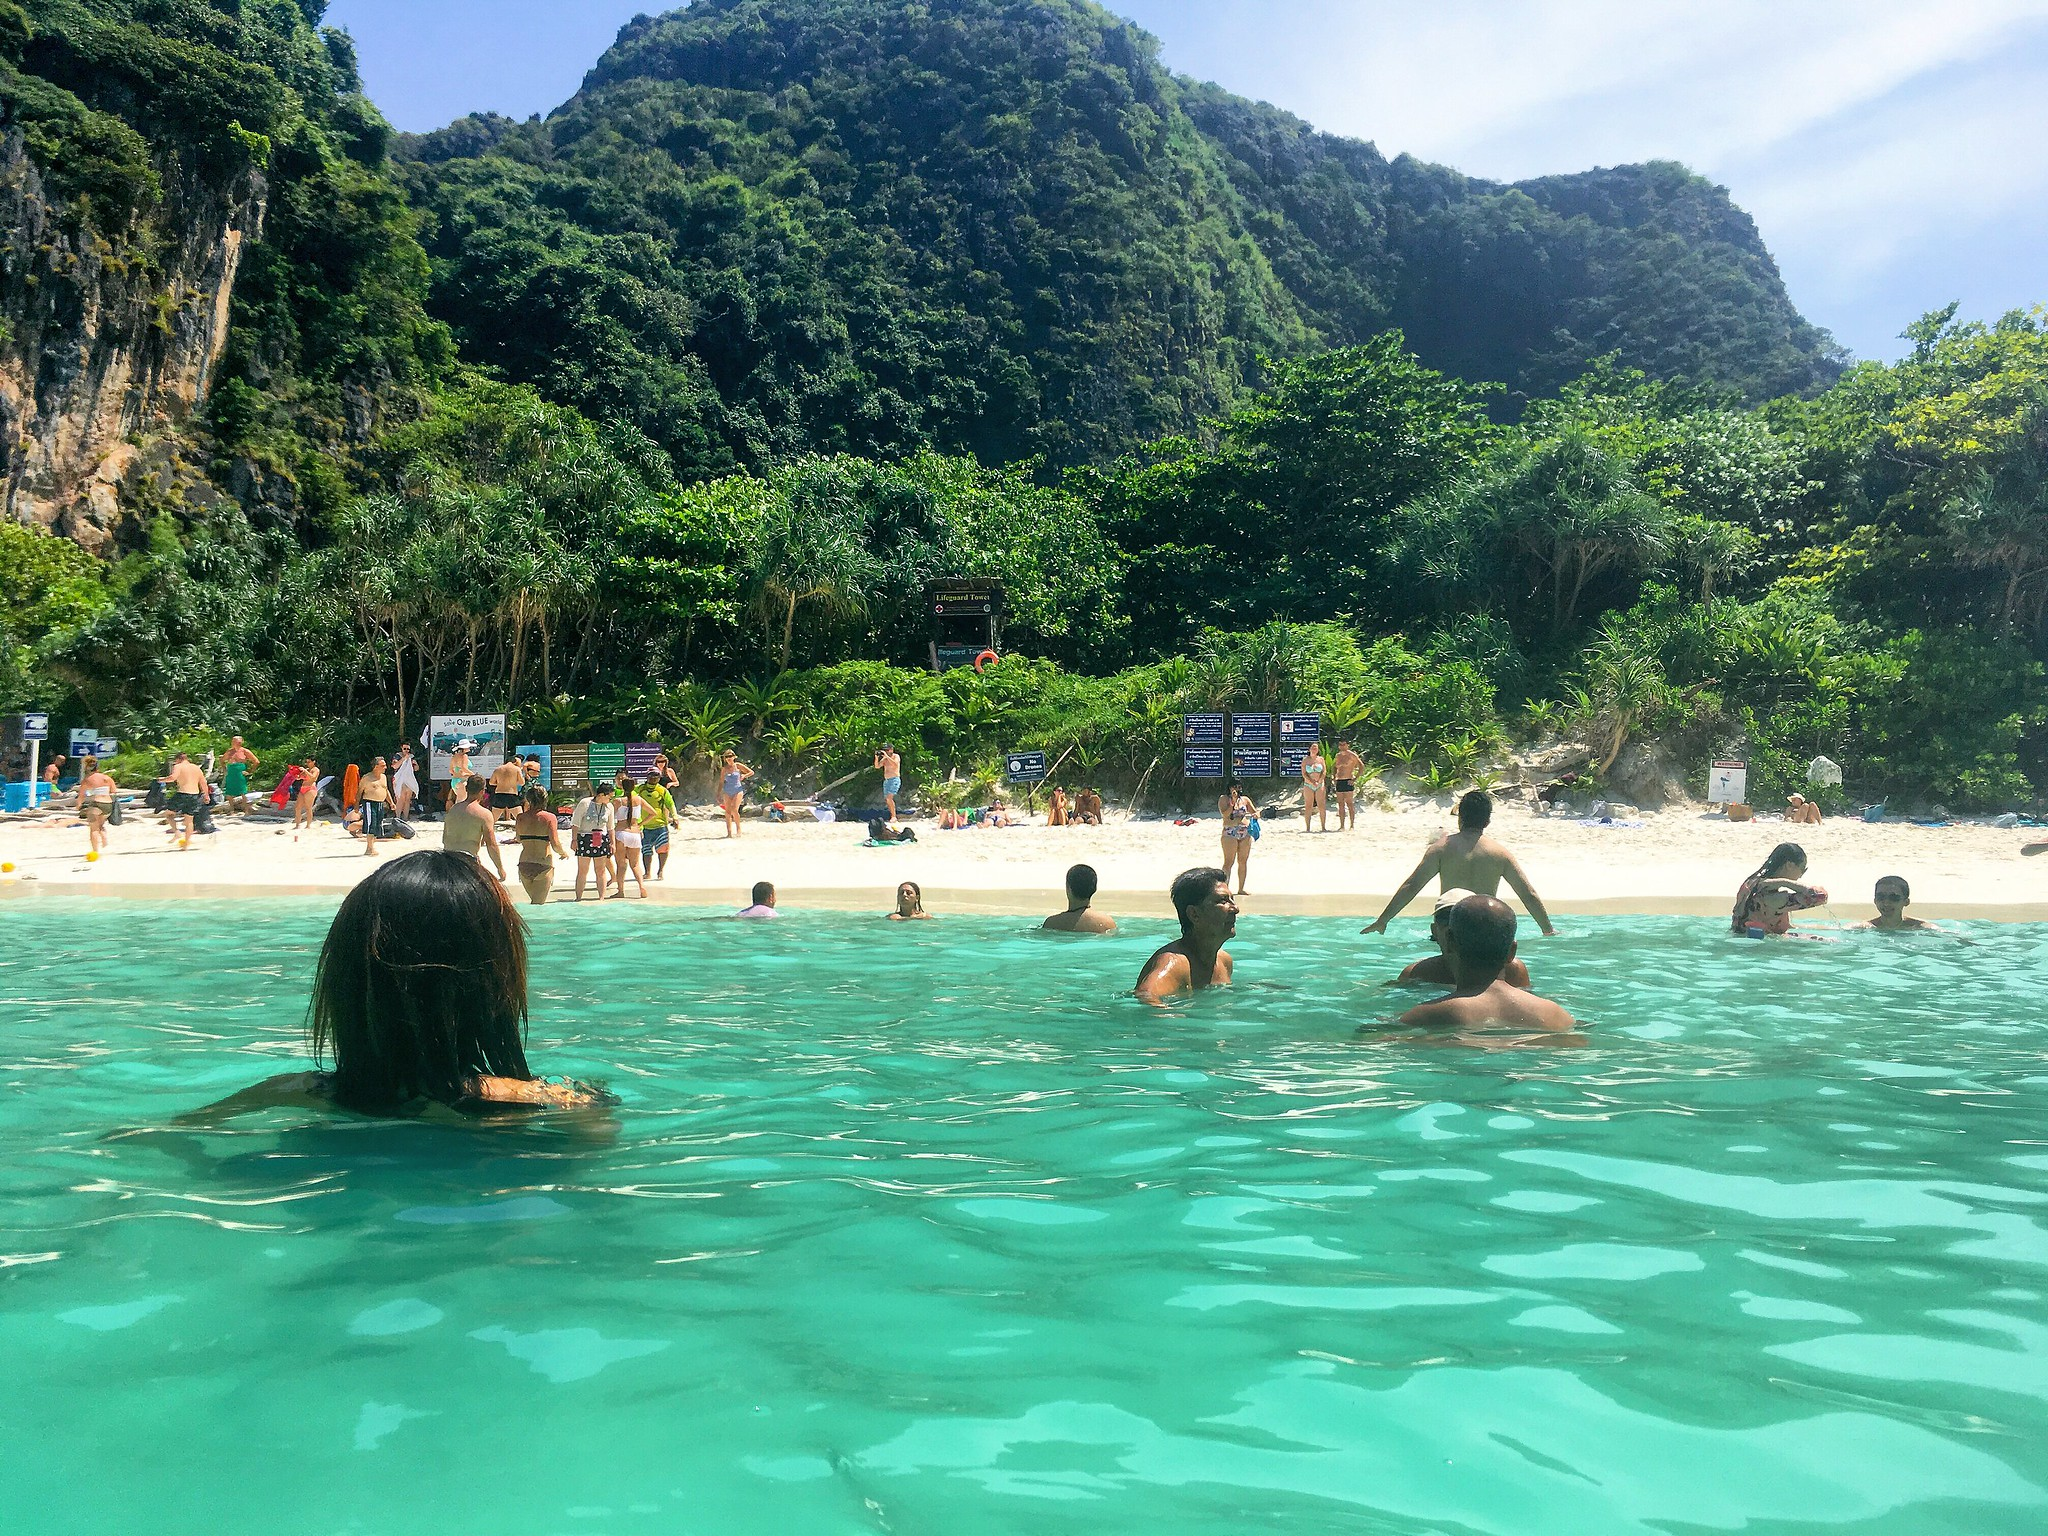 Camping in Phi Phi Island - Explore This Thing In Krabi